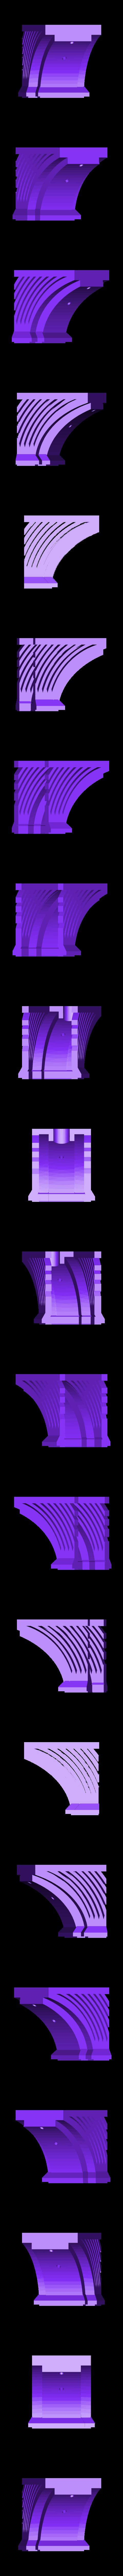 Base_in_half_b.stl Télécharger fichier STL gratuit Led lampe de pont Segment Universel • Objet imprimable en 3D, Opossums